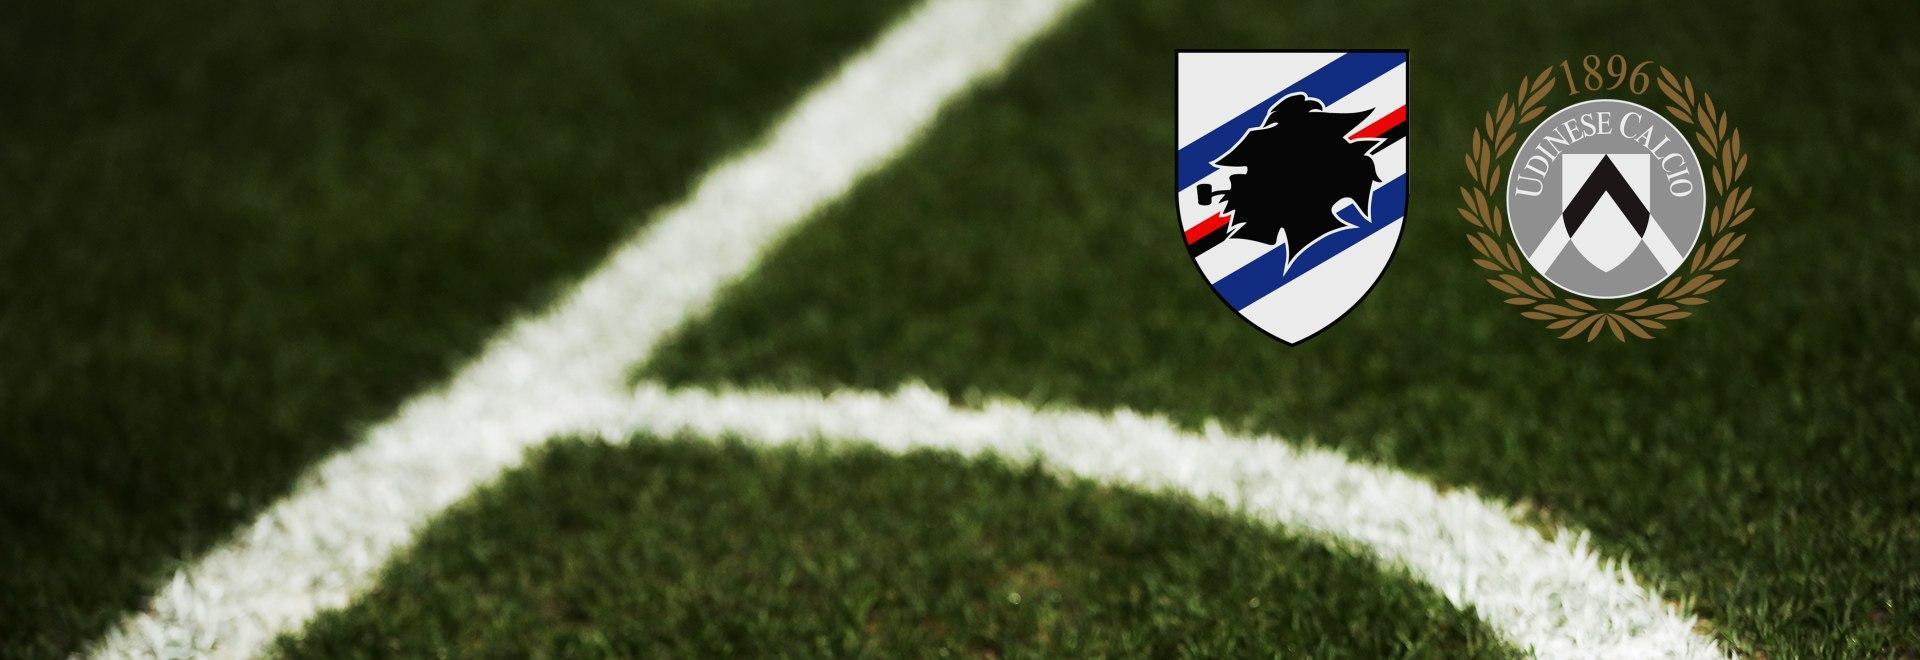 Sampdoria - Udinese. 18a g.